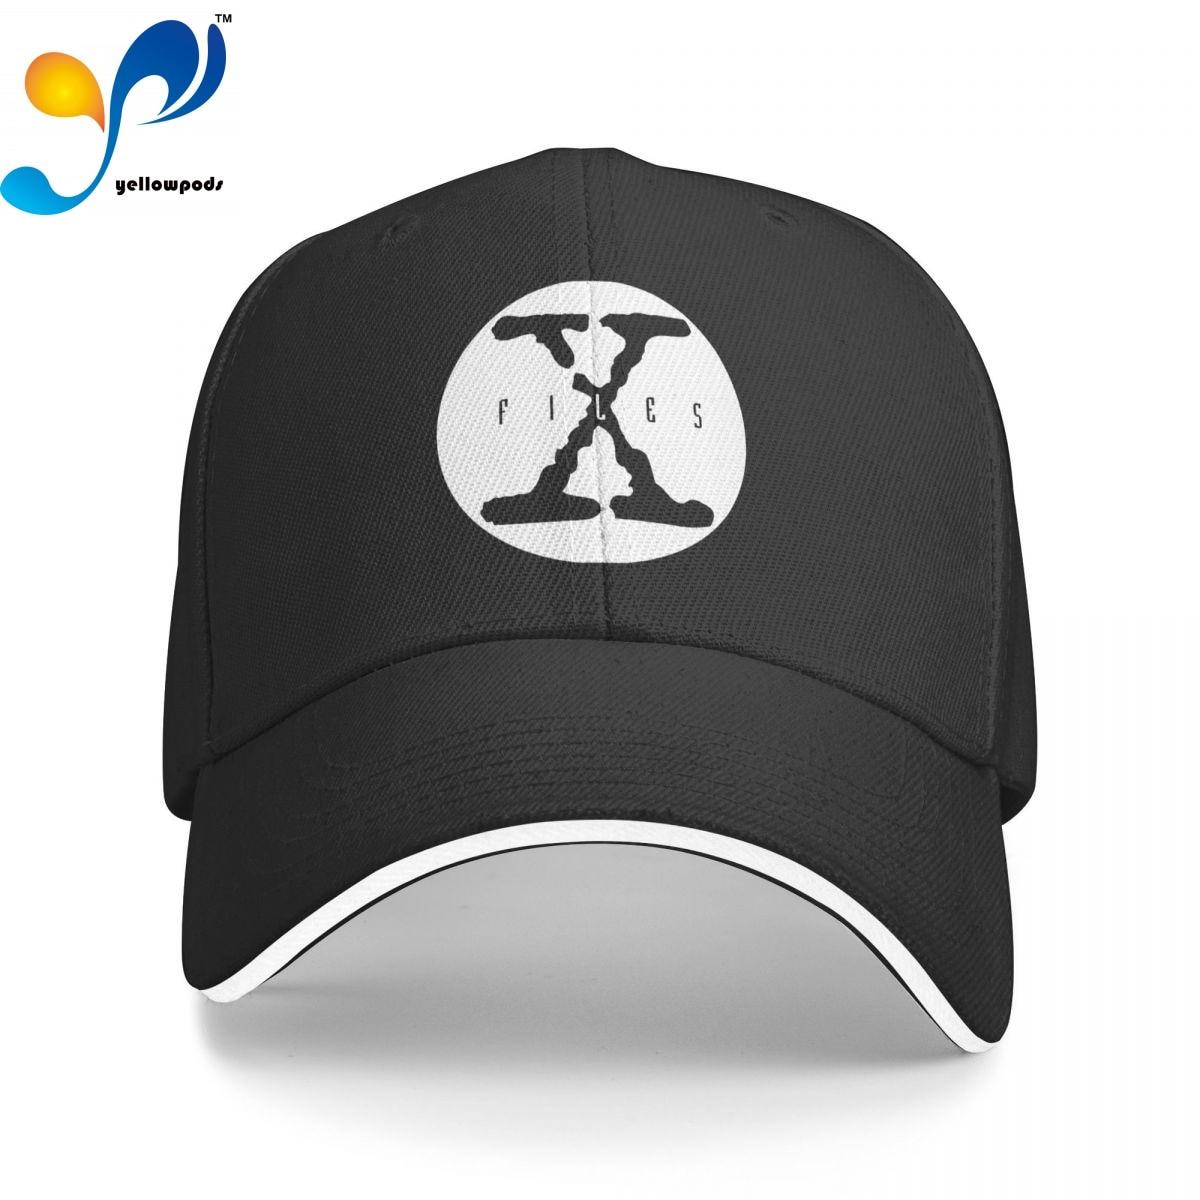 Бейсболка X файлы X, Кепка-бейсболка для мужчин, мужские кепки с Бейсбольным клапаном, кепки с логотипом